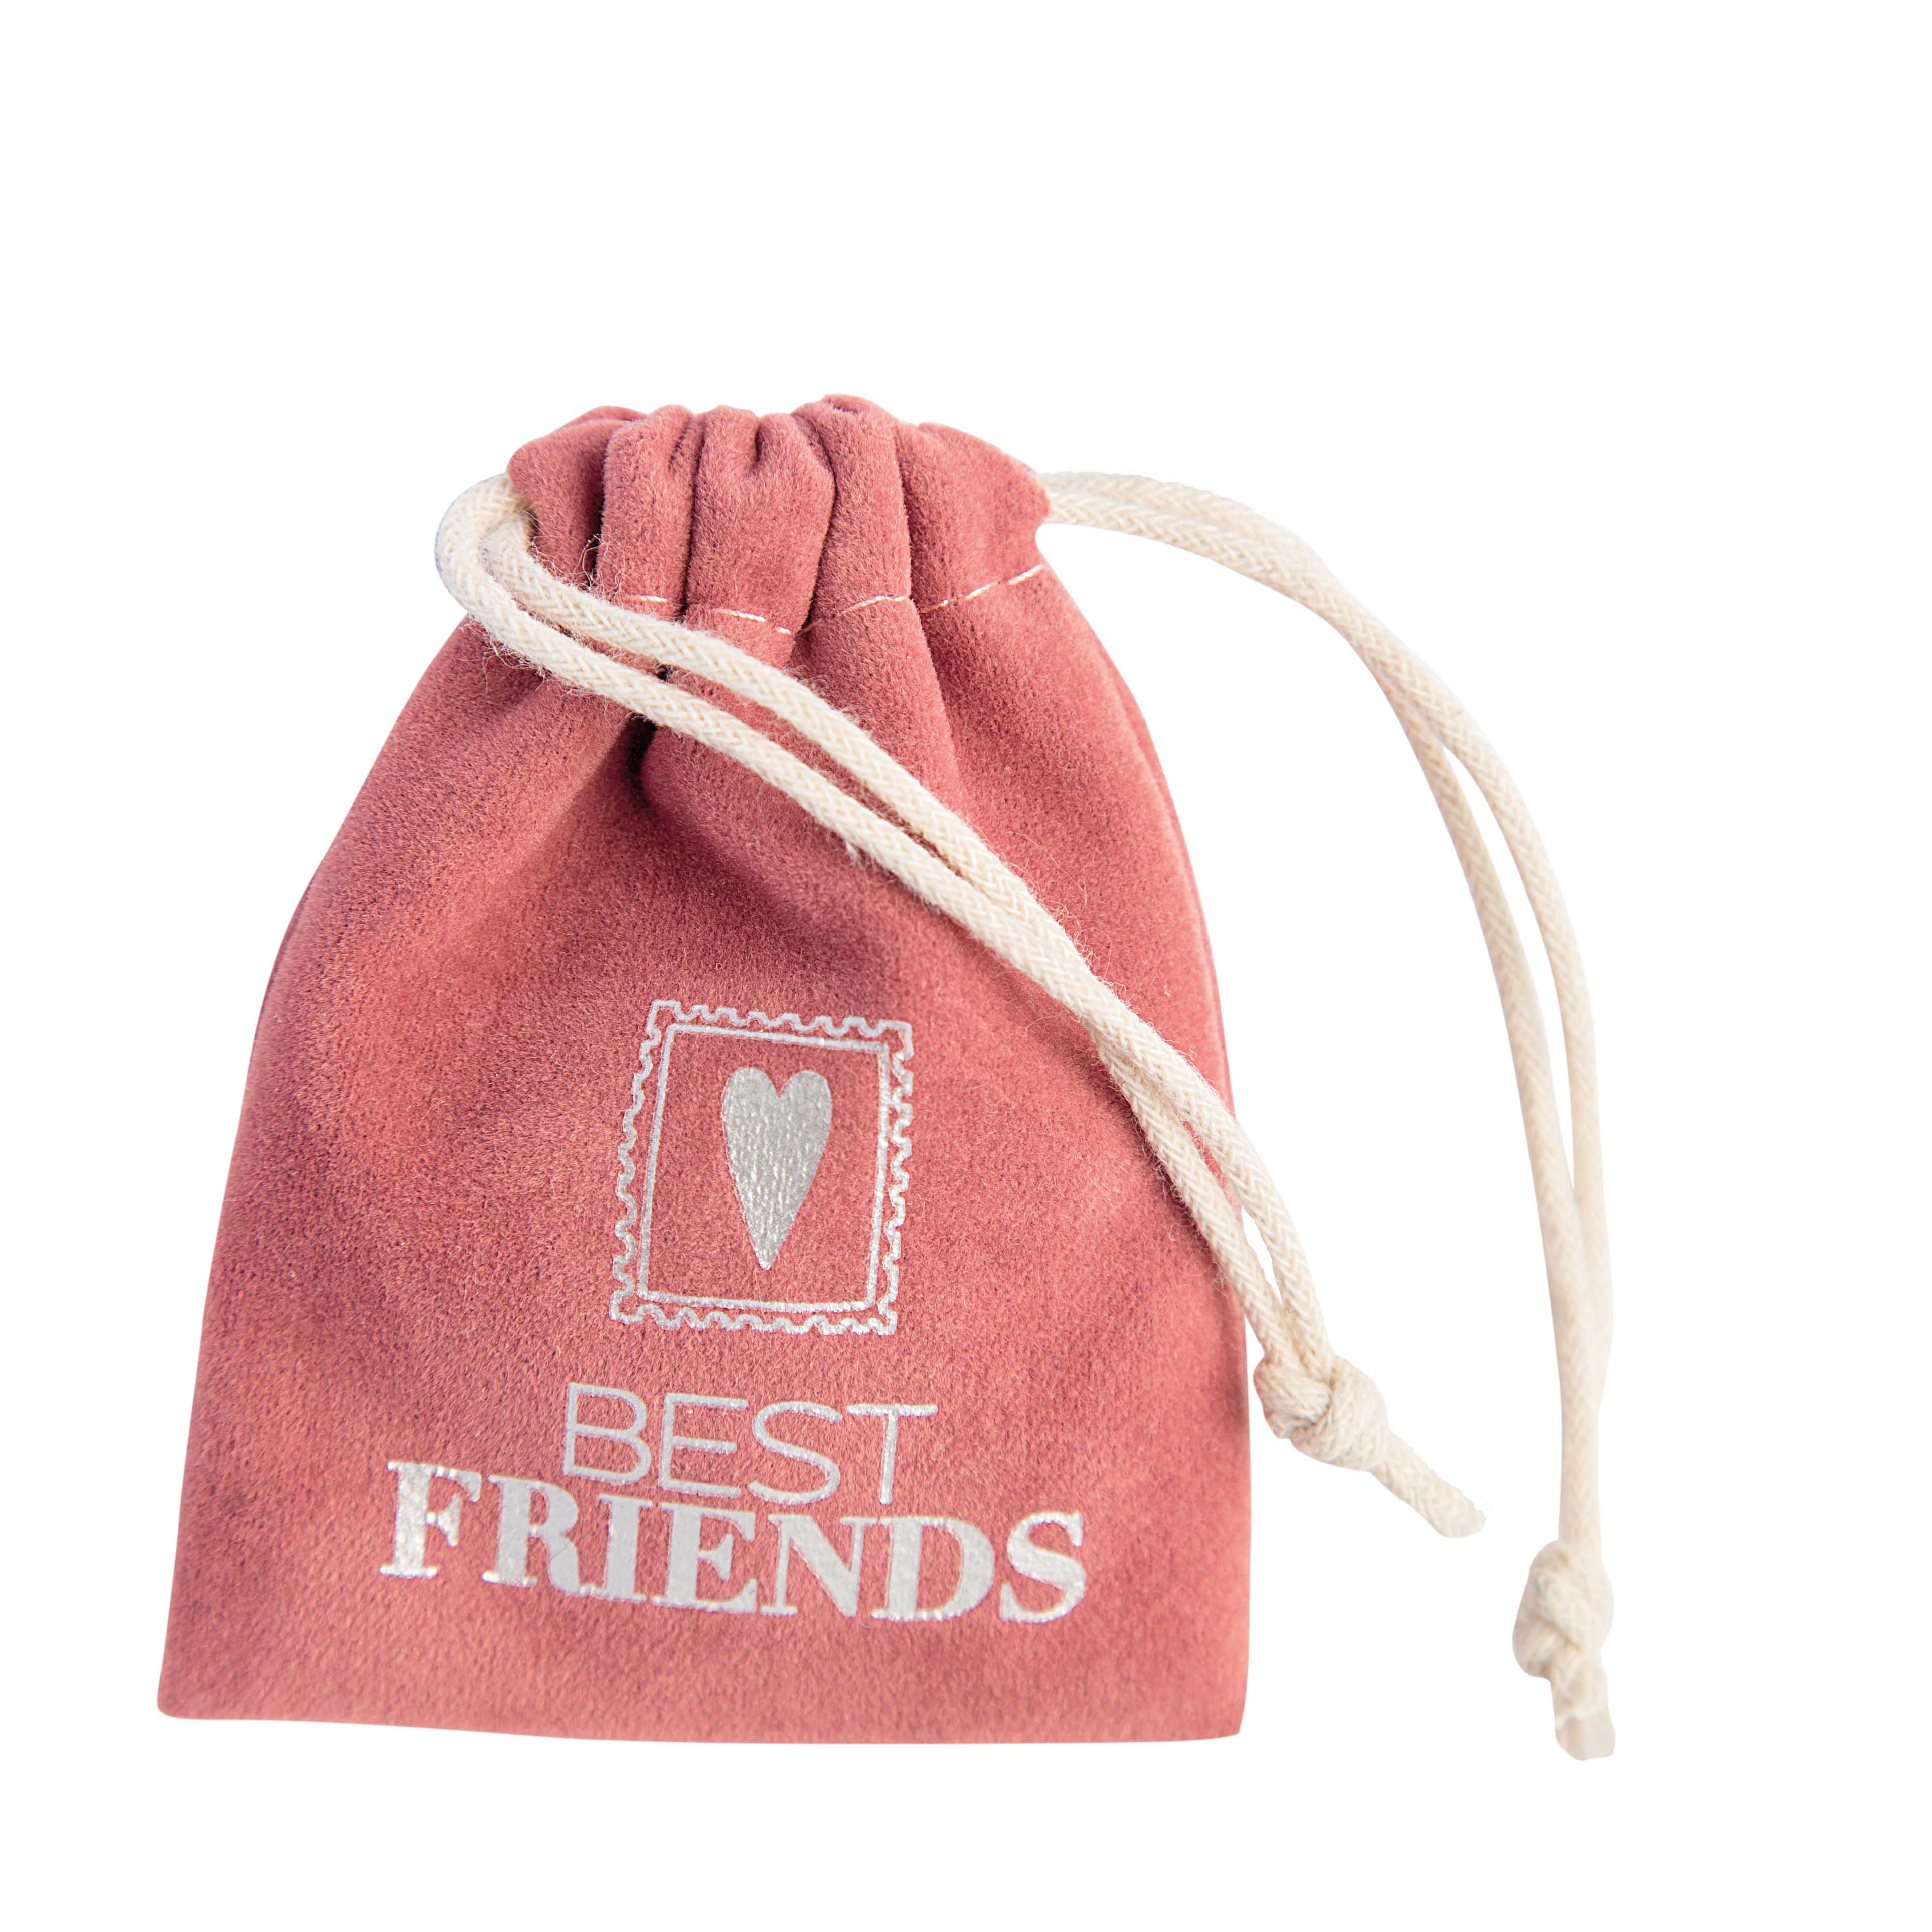 Kleiner Glücksbringer - Best friends -  räder